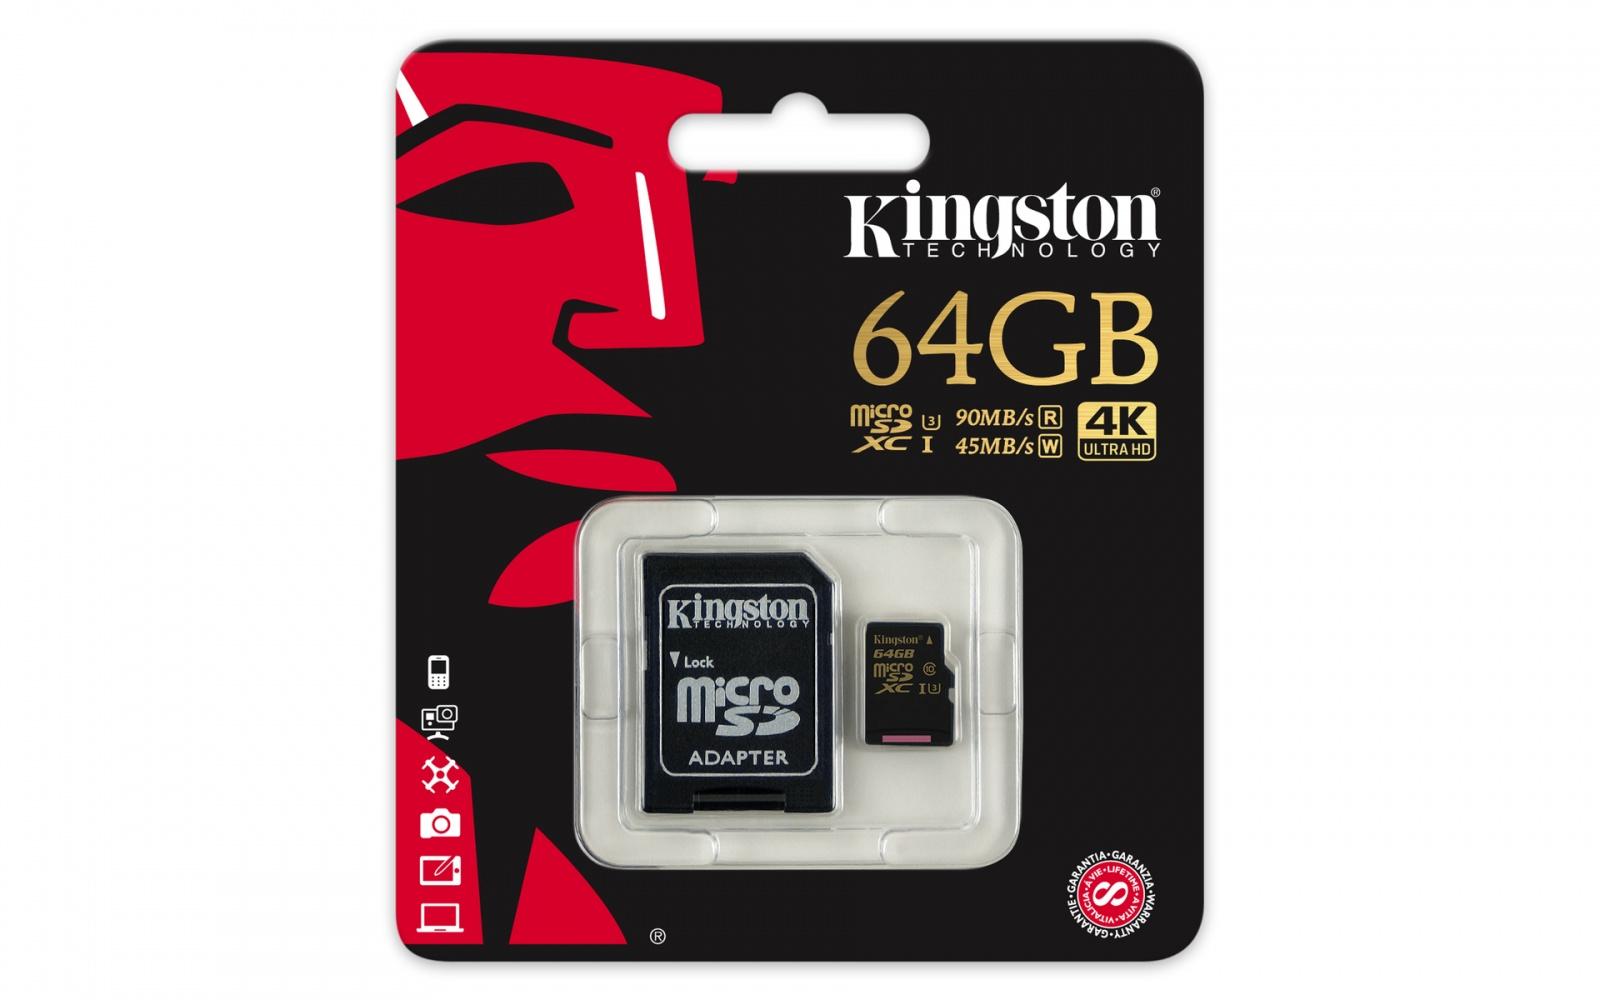 Камера умрёт — файлы останутся. Новая карта памяти Kingston золотой серии для съёмки экстремального 4K-видео - 2